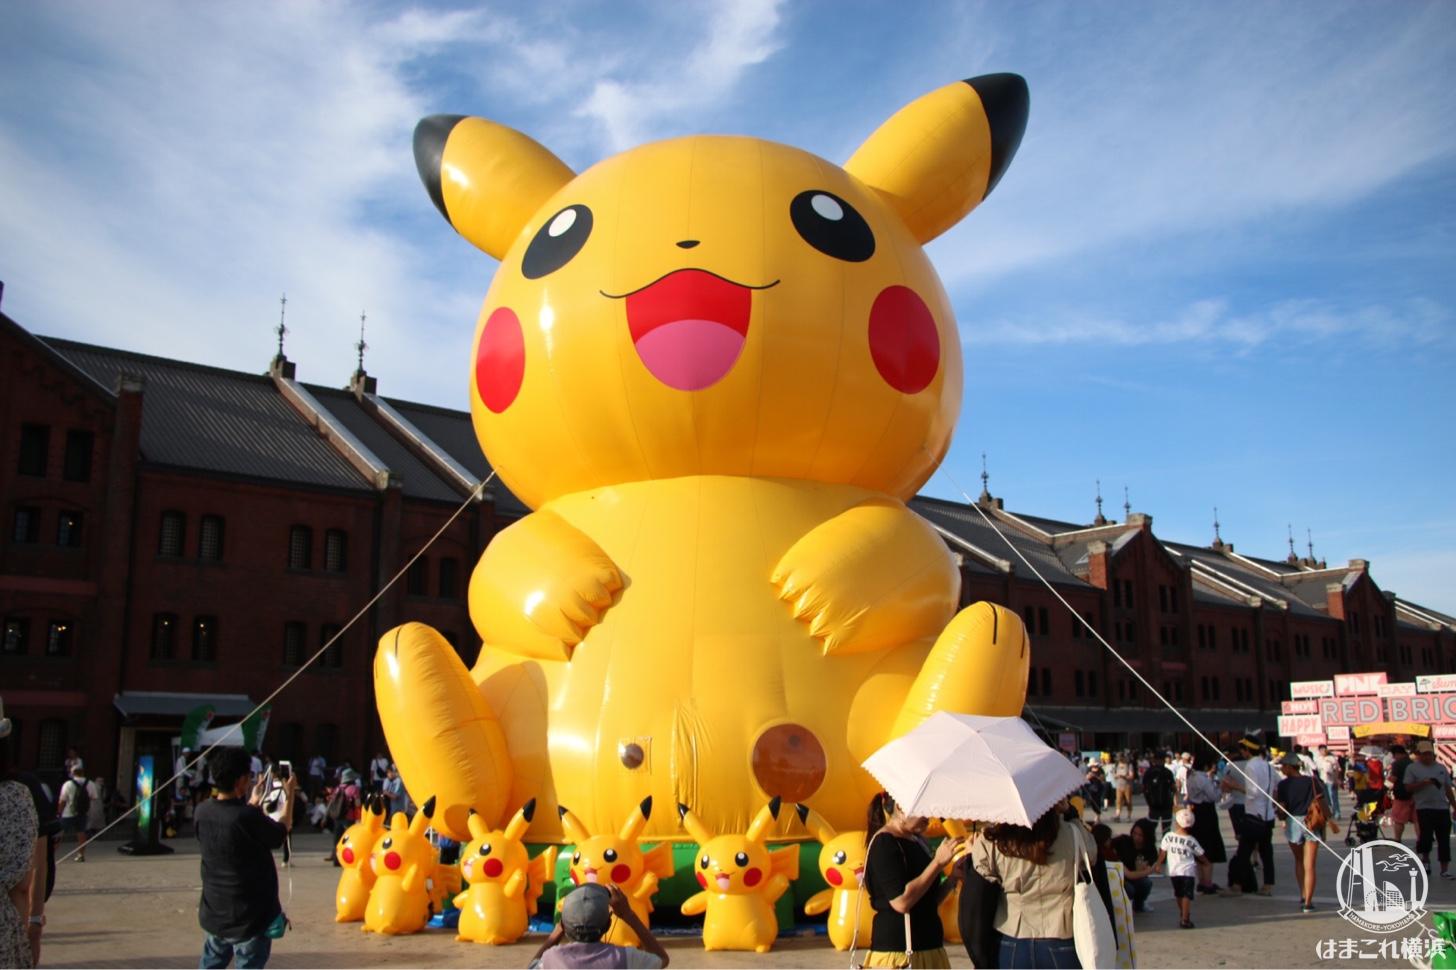 ポケモンGOフェスト 横浜の公園にポケモンオブジェ!ピカチュウバルーンやキッチンカーも